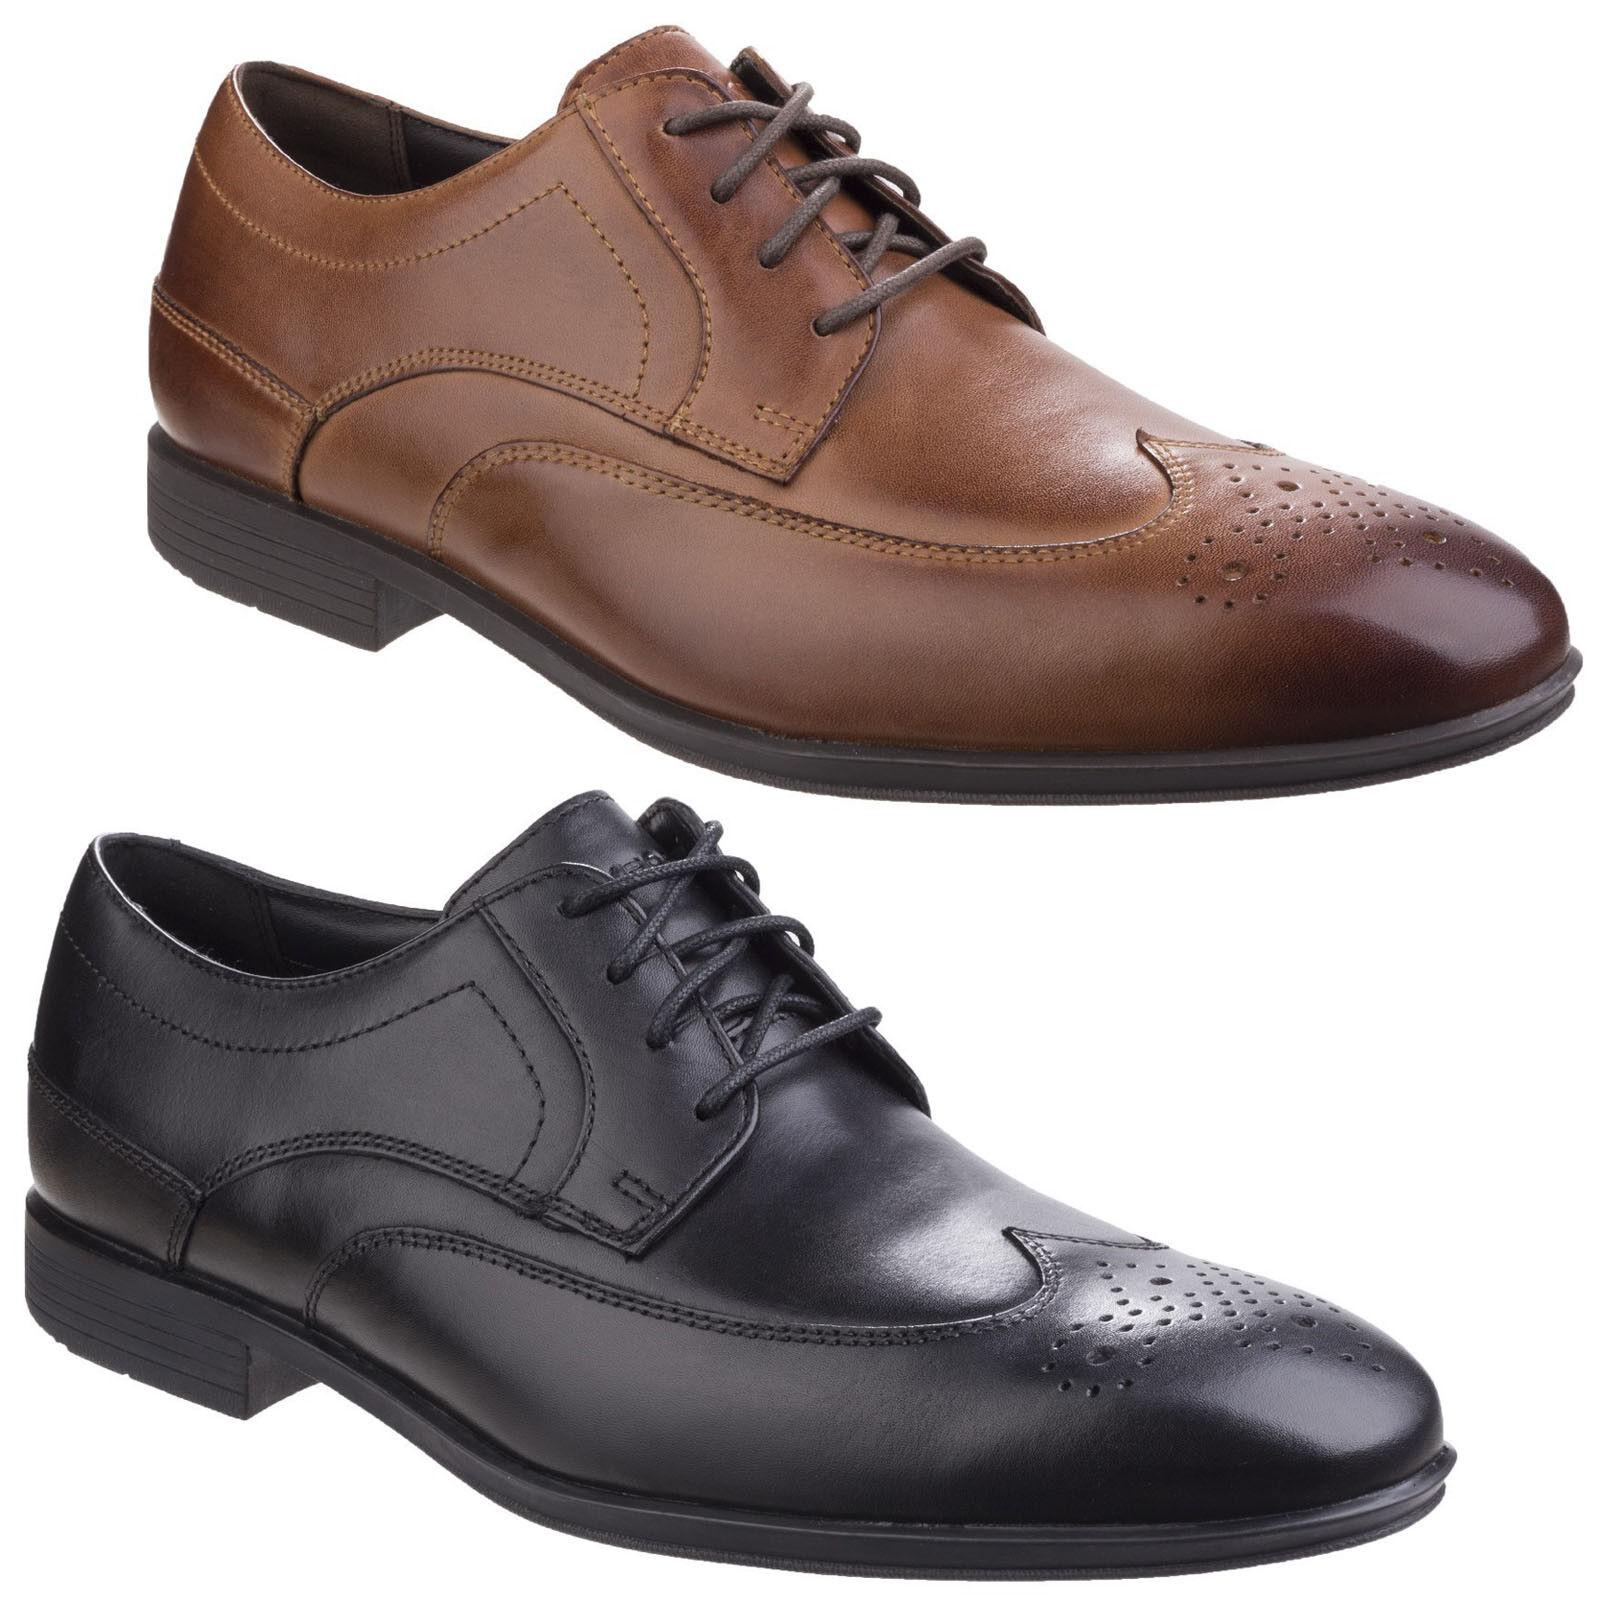 Rockport stile Connected ALA estremità Scarpe formali stringate in pelle uomo Scarpe classiche da uomo